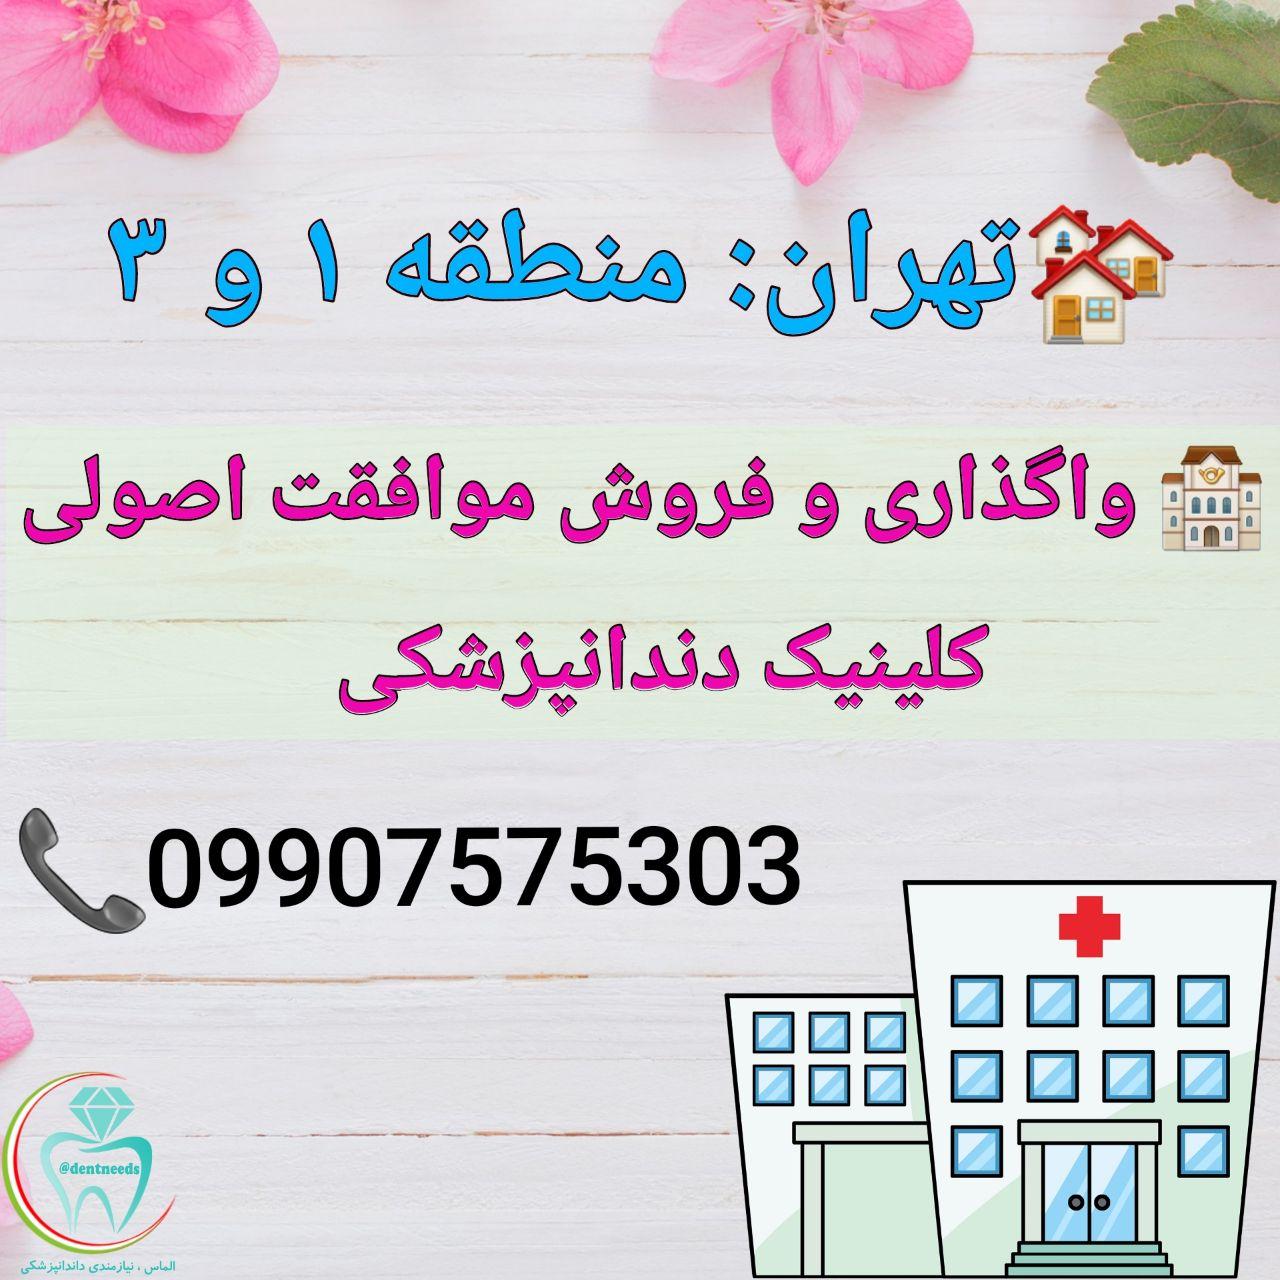 تهران: منطقه ۱ و ۳، واگذاری و فروش موافقت اصولی، کلینیک دندانپزشکی